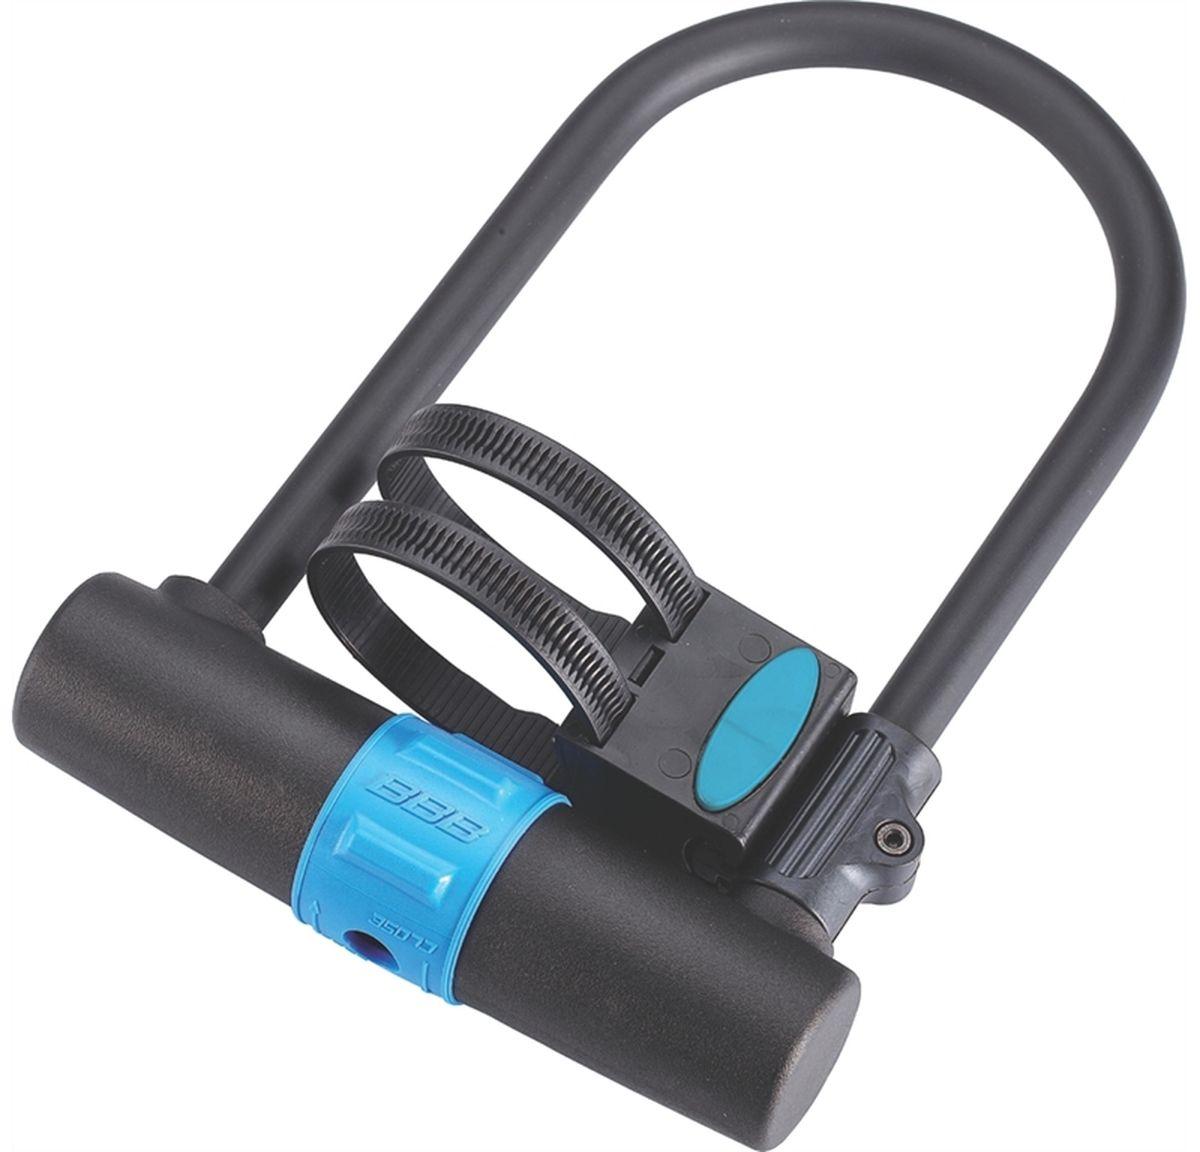 Замок велосипедный BBB U-Vault Plus Brasket, ключевой, 25 x 17 смBBL-28Толстая цепь повышенной прочности для максимальной защиты. Замок из упрочнённой стали с надёжной регулируемой скобой и двумя нумерованными ключами в комплекте. Оплётка из ПВХ защищает раму велосипеда от сколов и царапин. Защищён от попадания грязи и мусора в замочную скважину. Размеры замка: 250мм х 170мм.